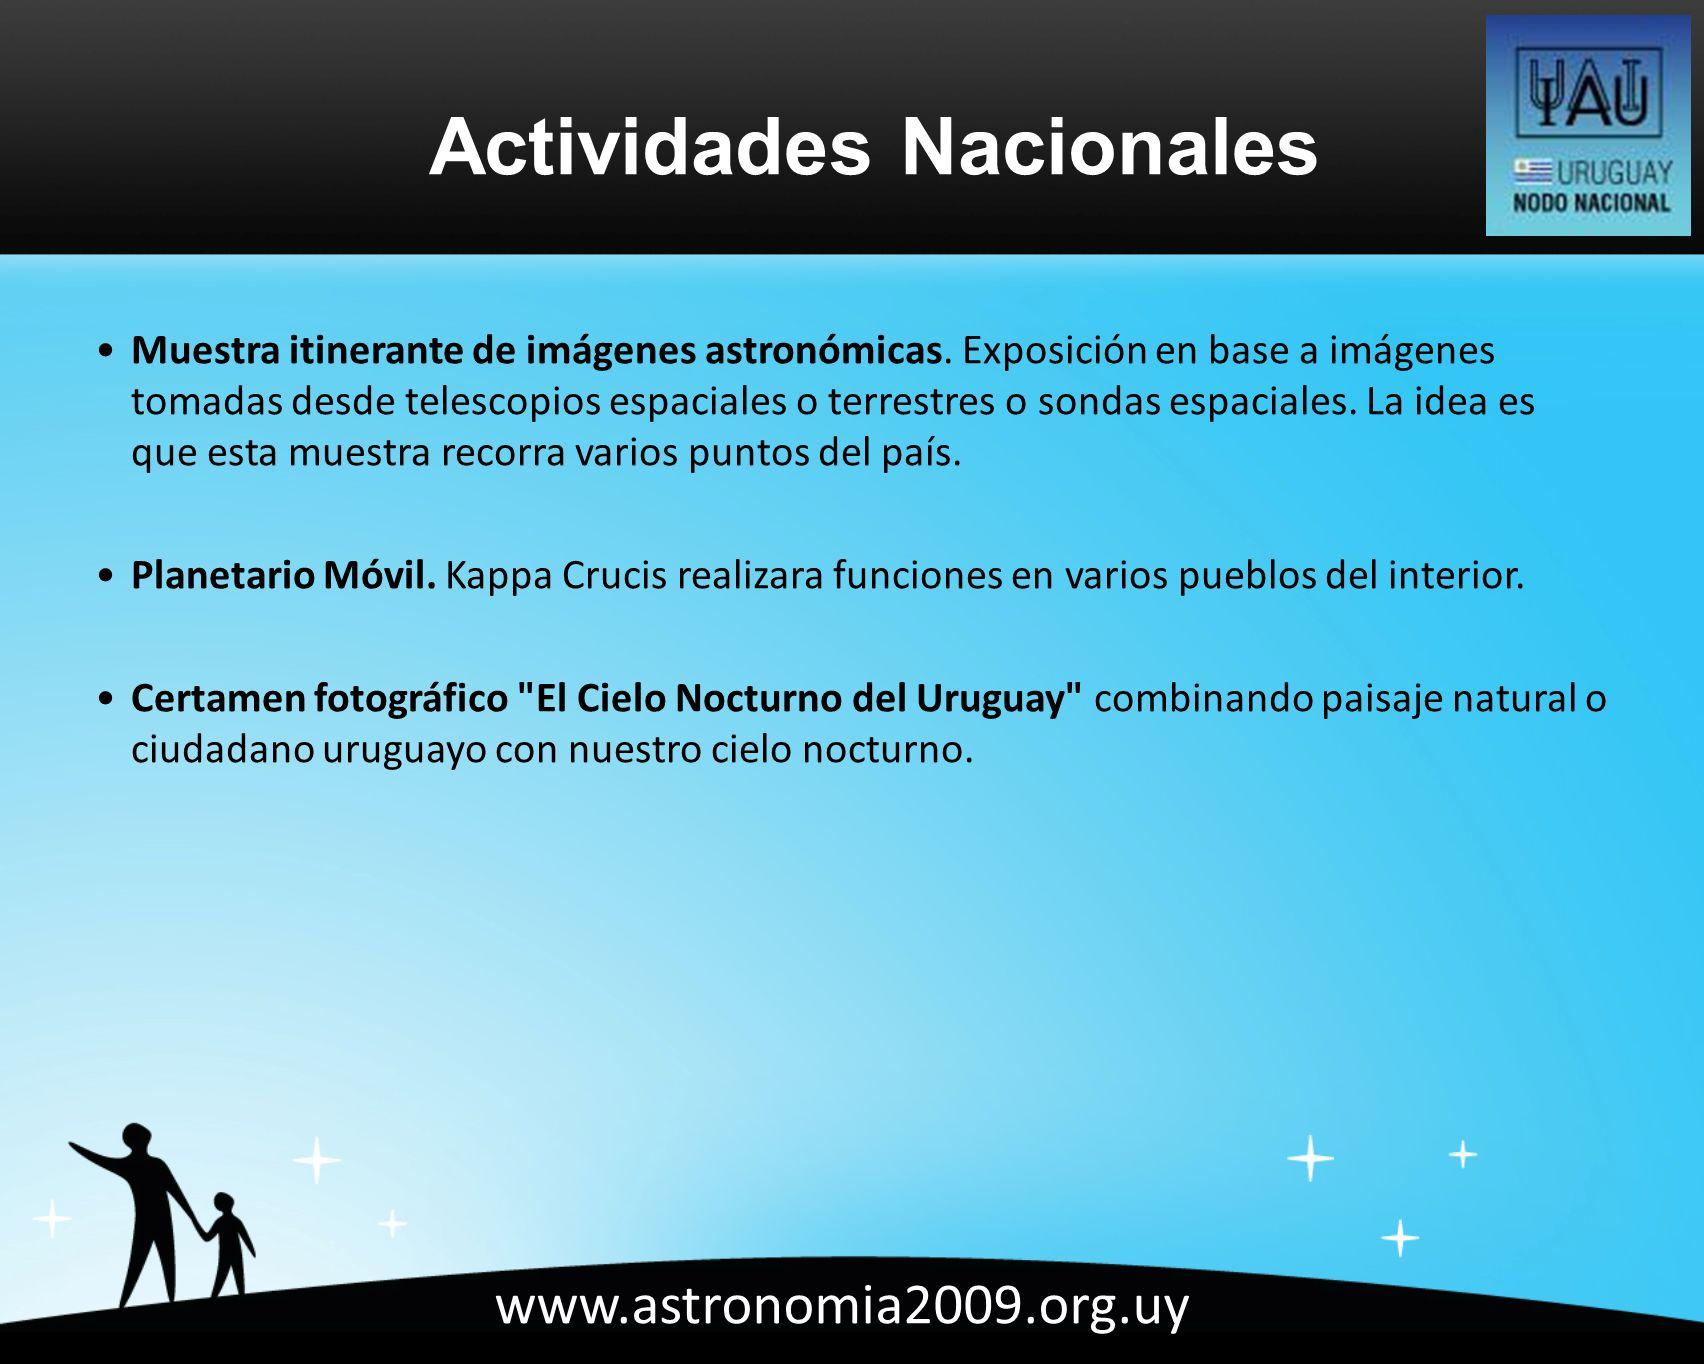 www.astronomia2009.org.uy Muestra itinerante de imágenes astronómicas.